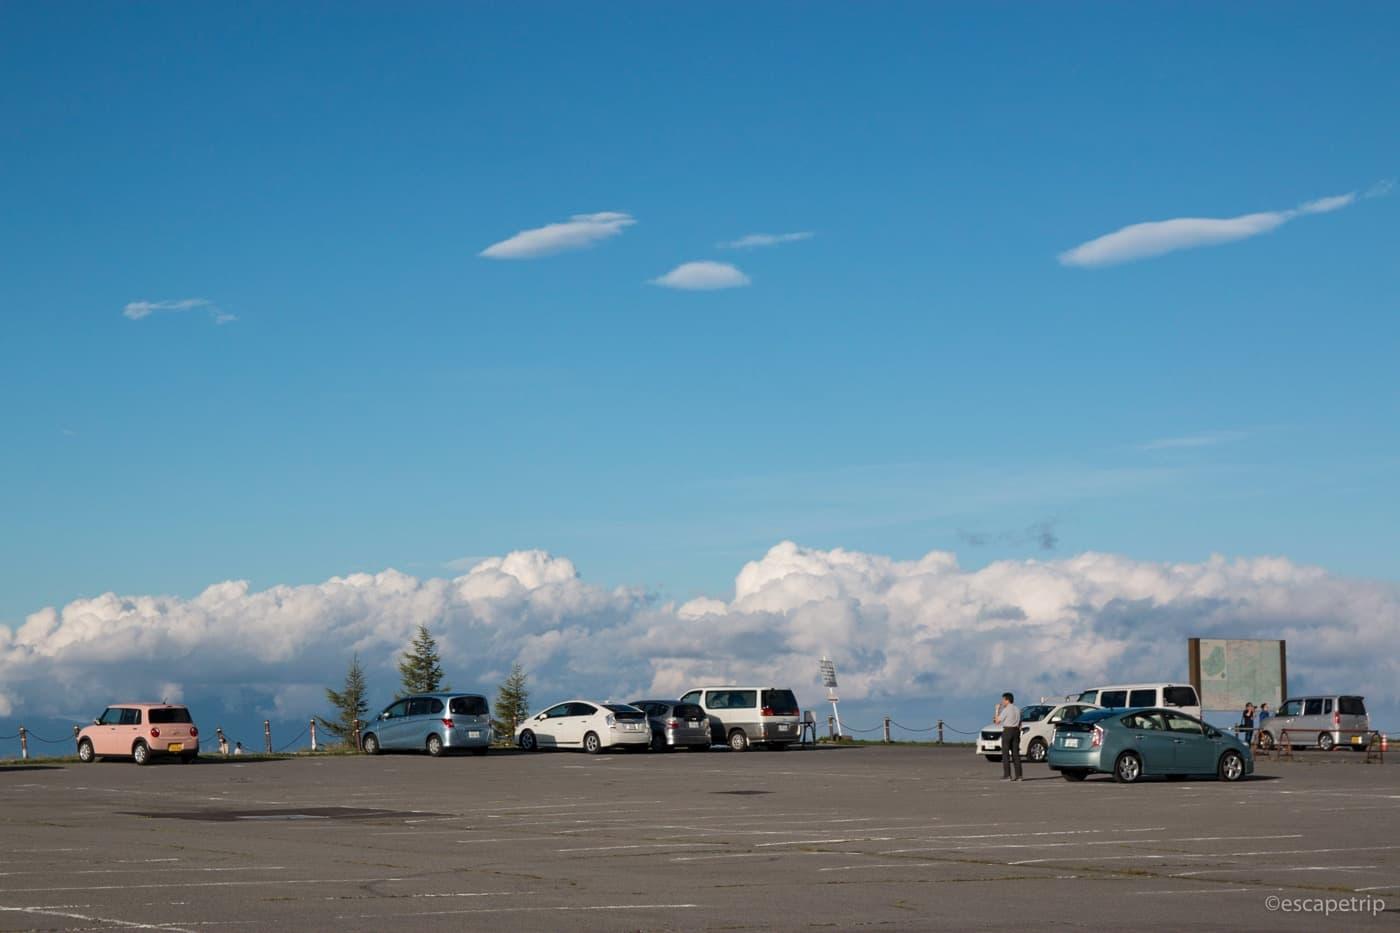 美ヶ原高原美術館の駐車場